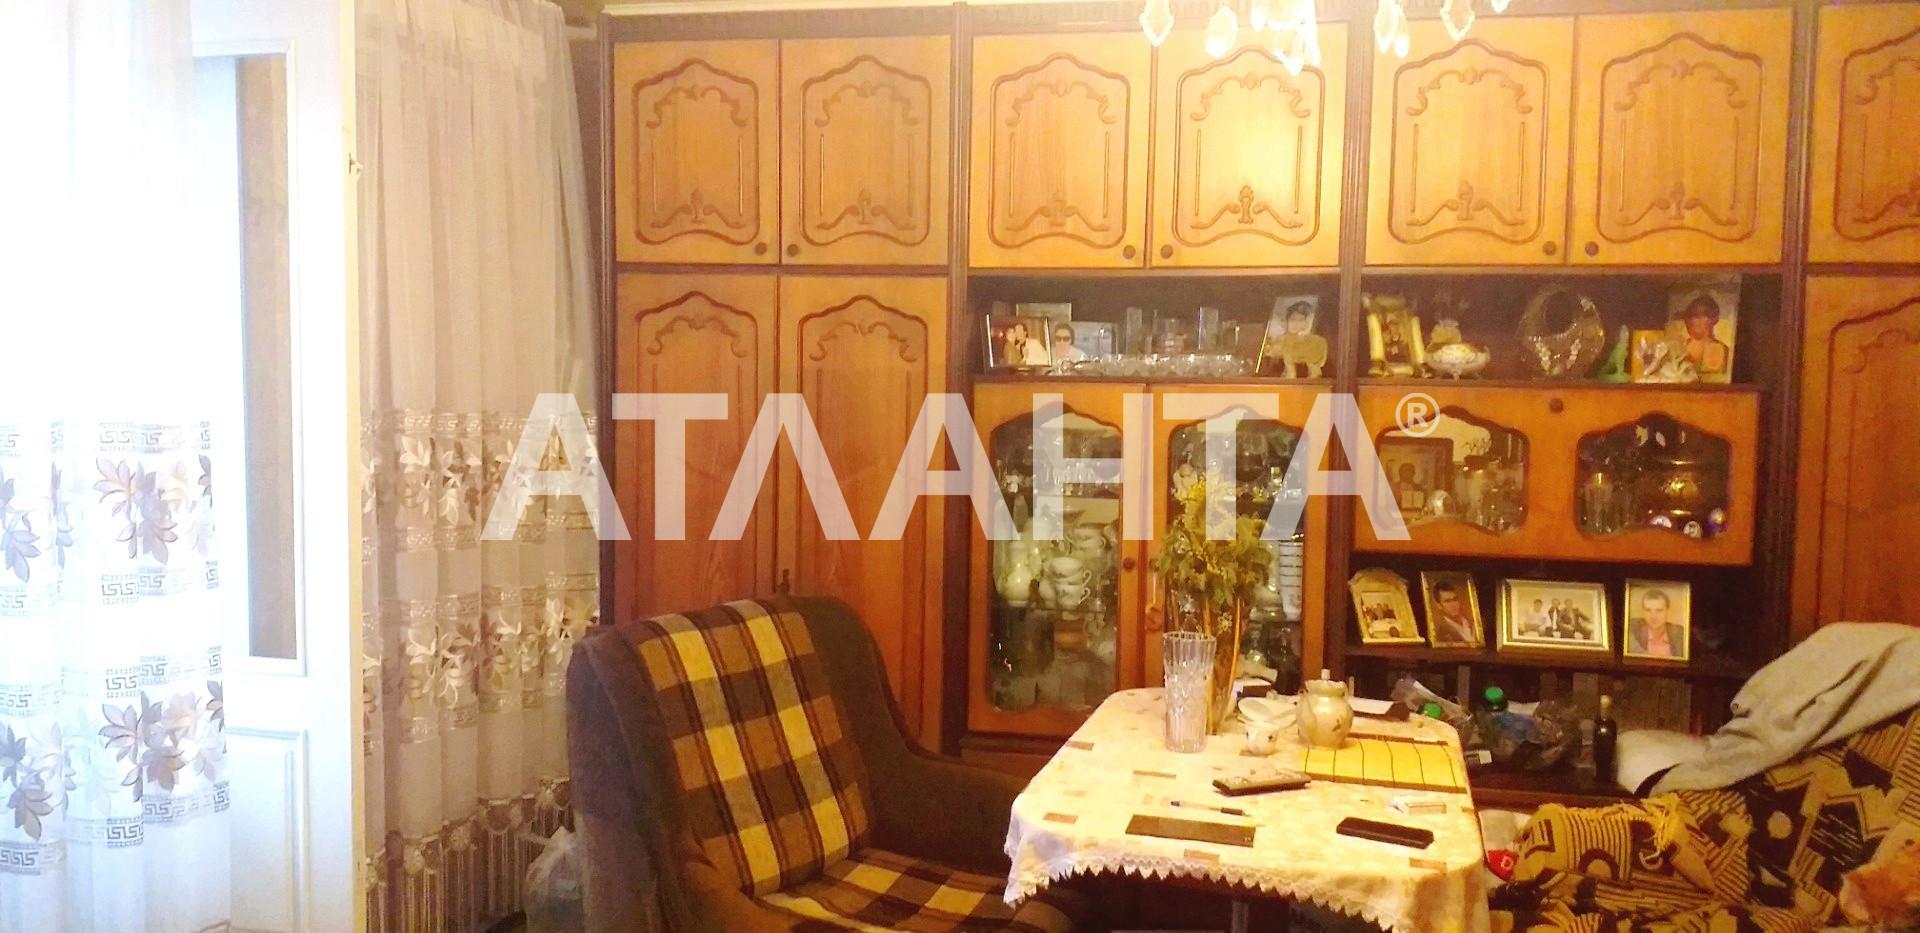 Продается 3-комнатная Квартира на ул. Пионерская (Варламова, Академическая) — 78 000 у.е. (фото №2)